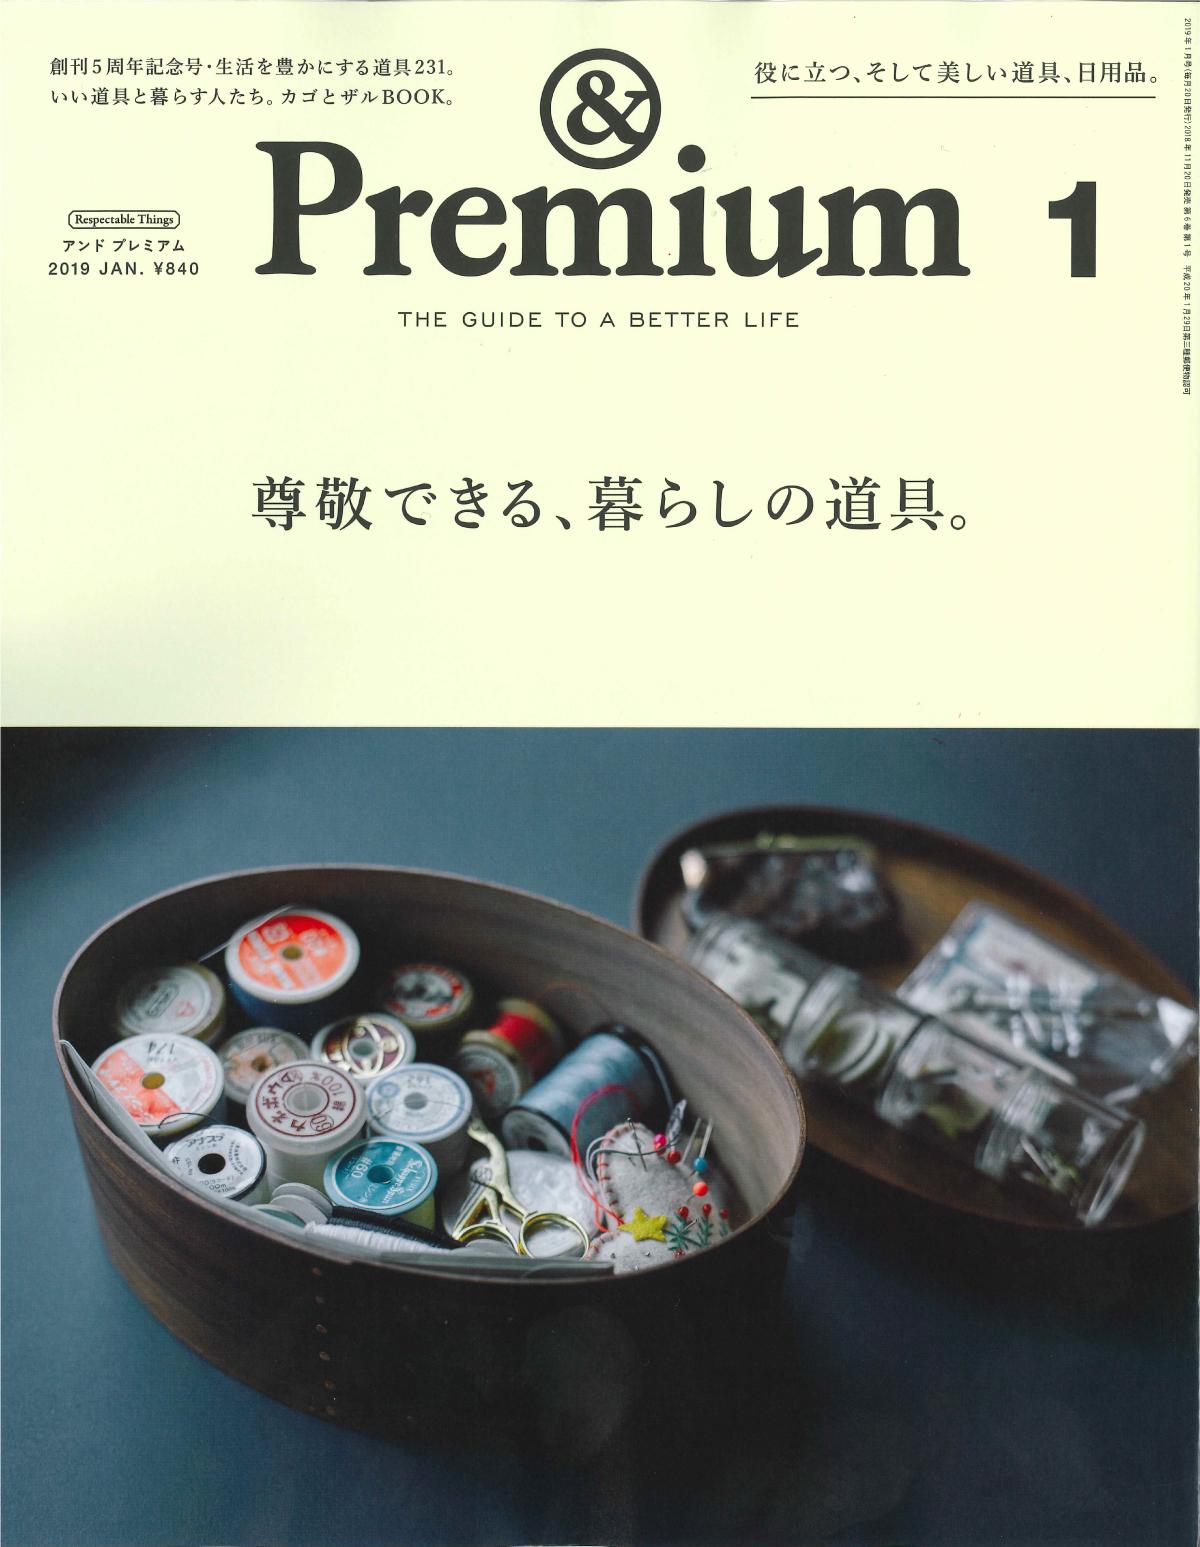 創刊5周年記念号 & Premium 1月号 『尊敬できる、暮らしの道具。』